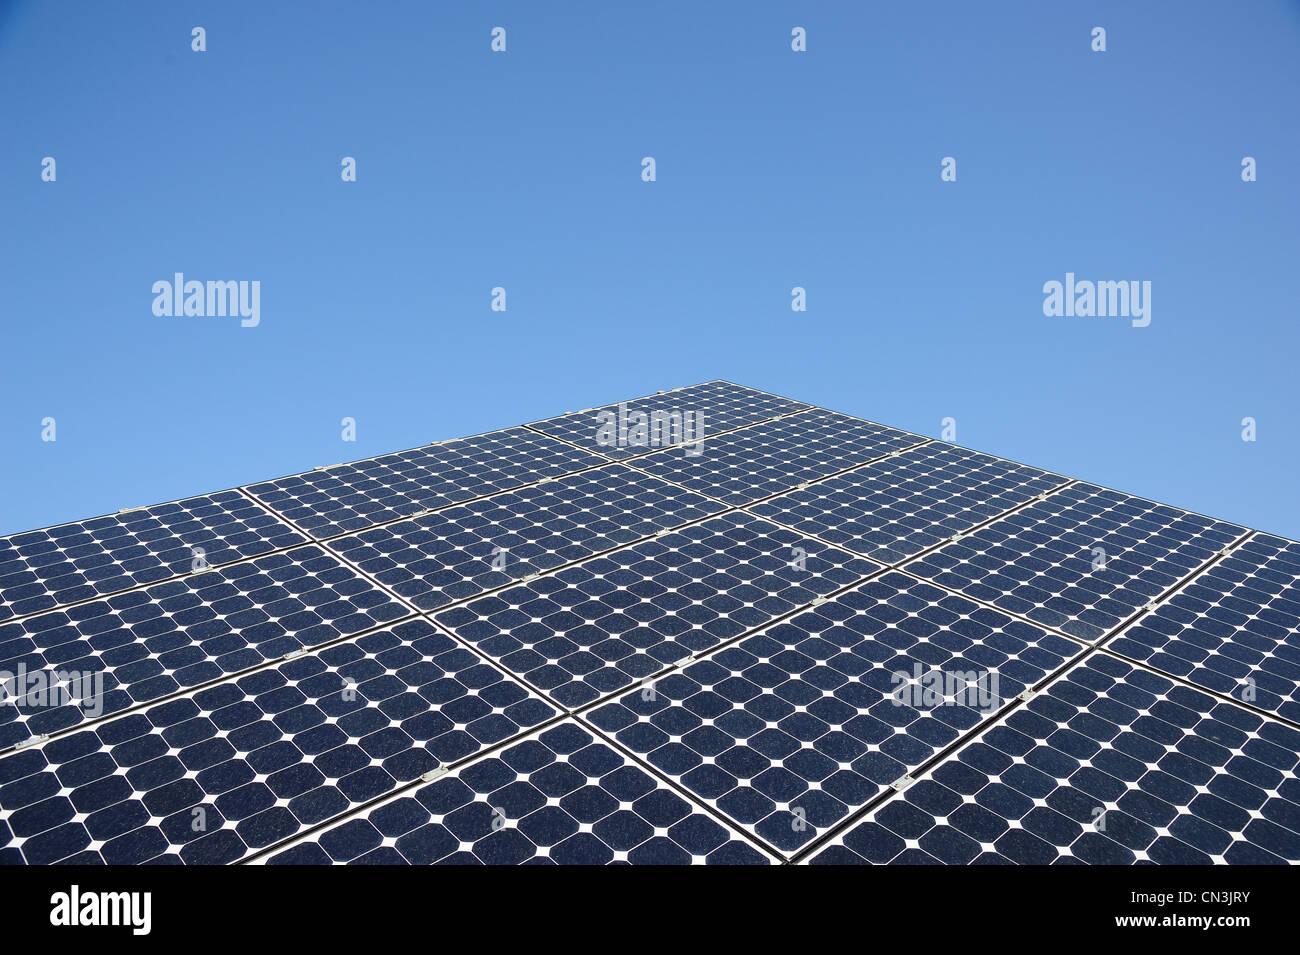 THR Cleanenergy können zur Verringerung der Umweltverschmutzung Stockbild